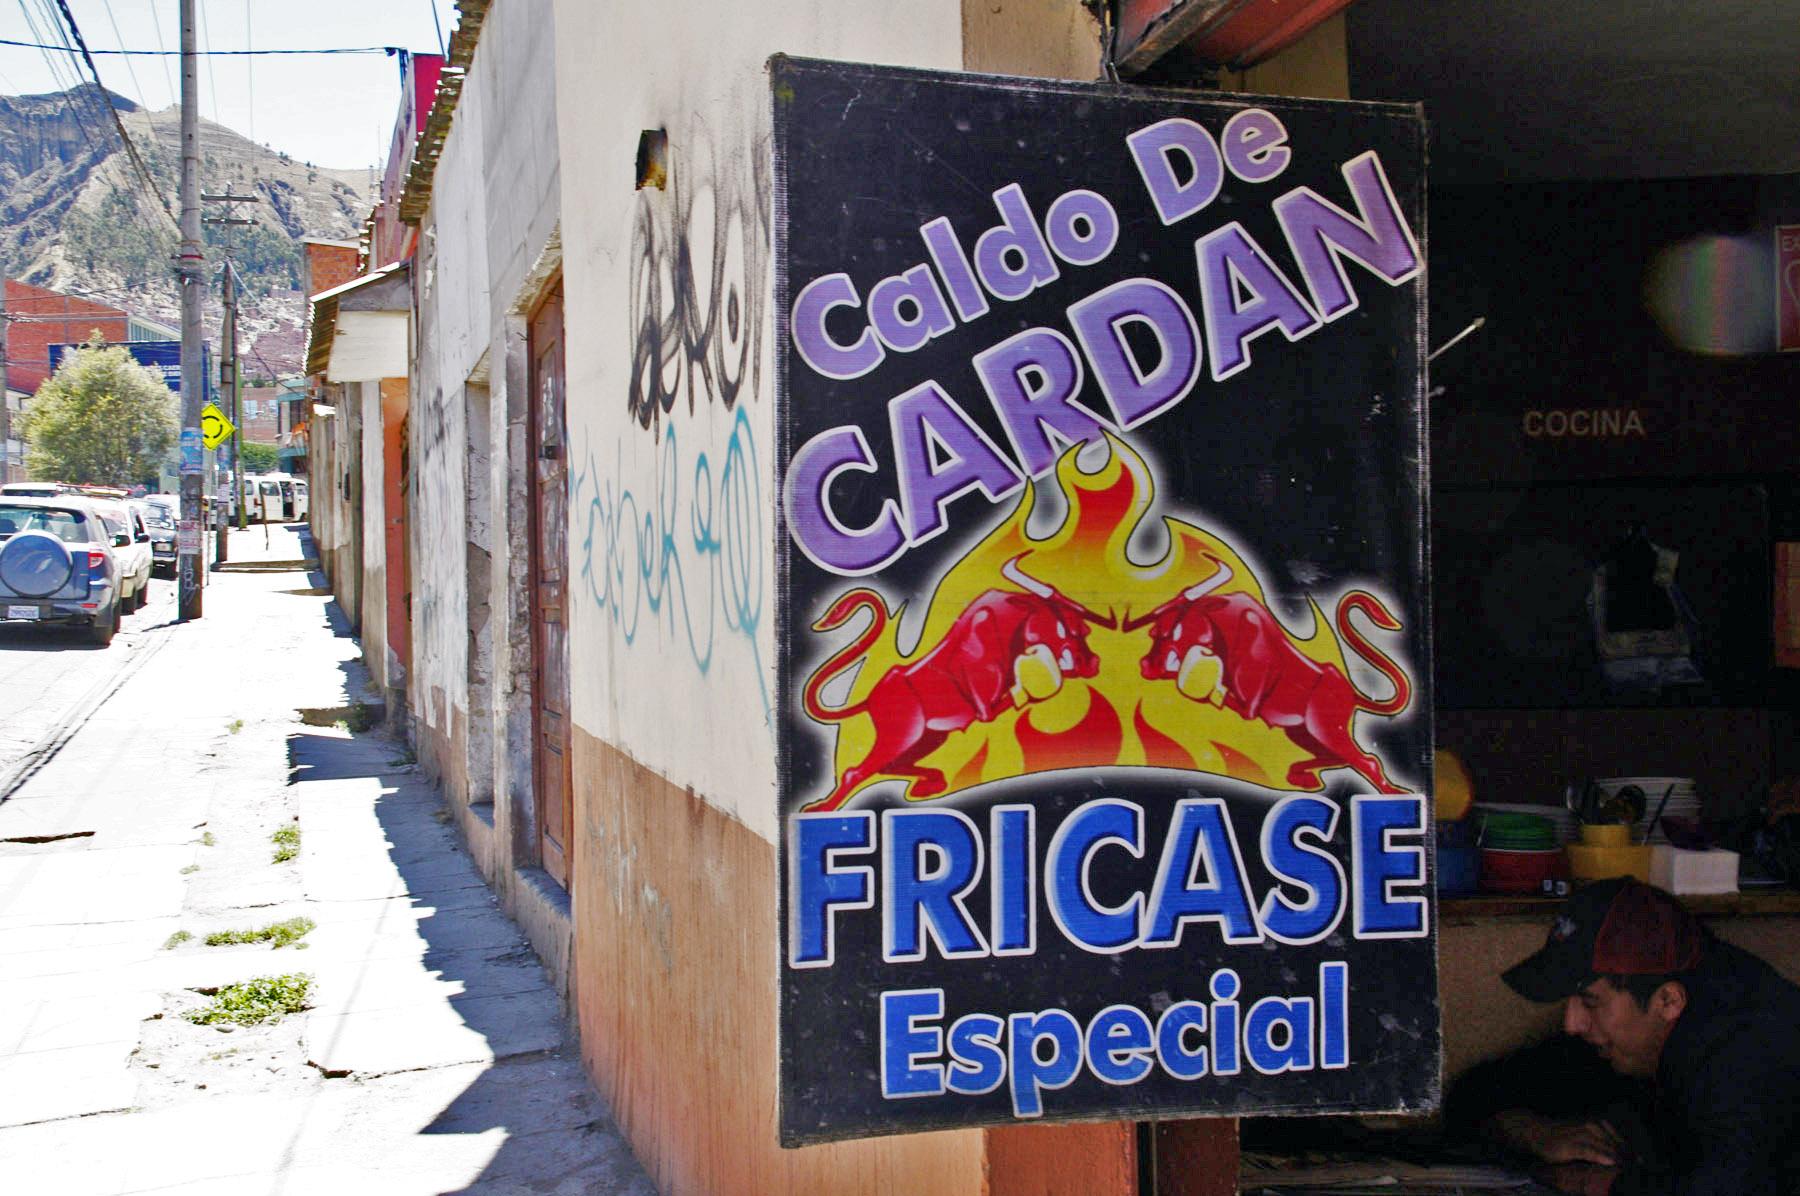 caldodecardan_bolivia (10)